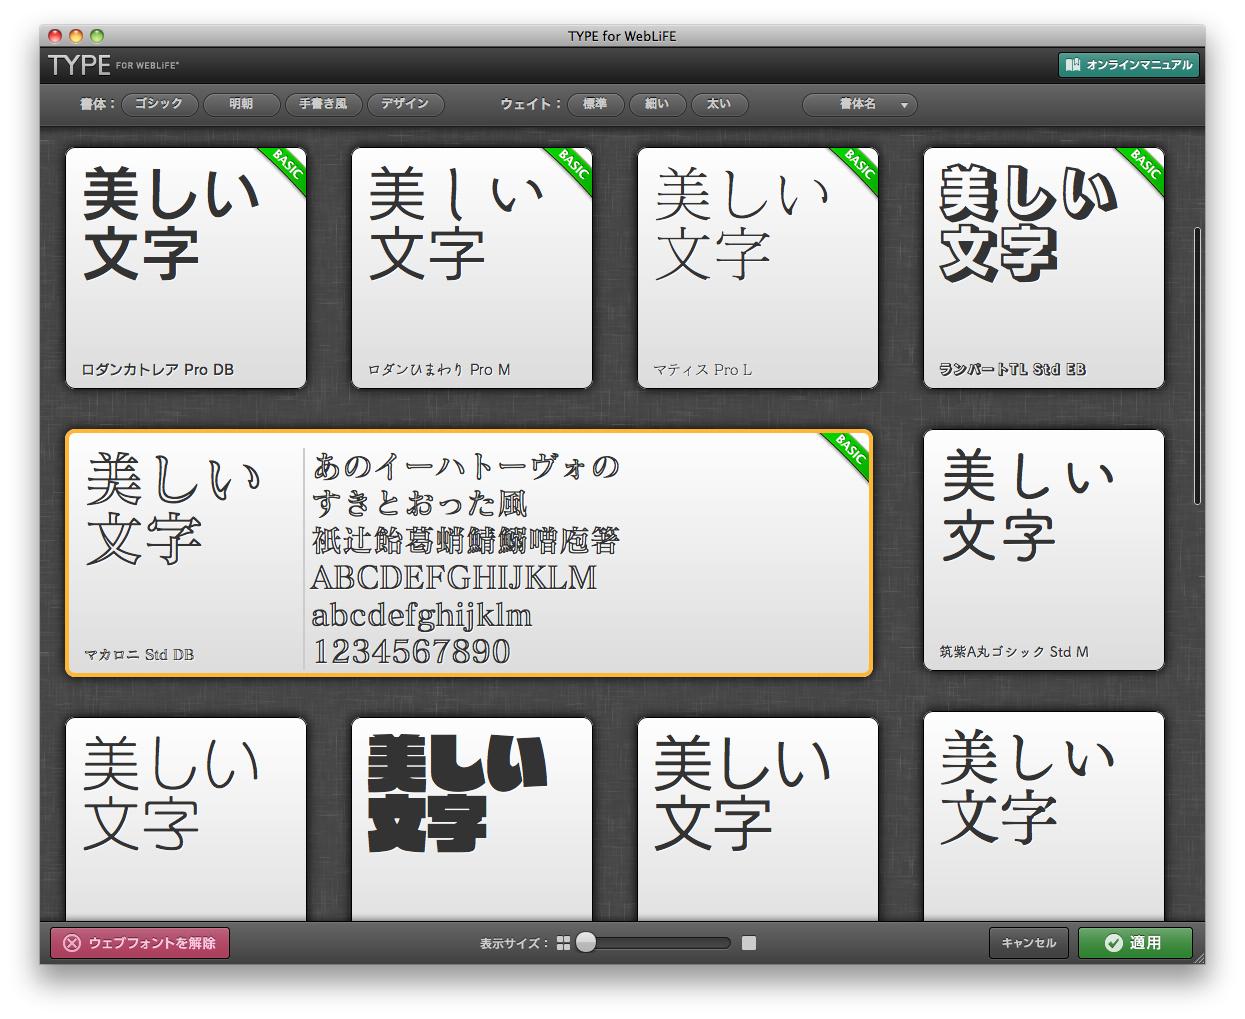 ロダンなどプロユースの日本語Webフォントが、書体を見ながら選択するだけで利用できる